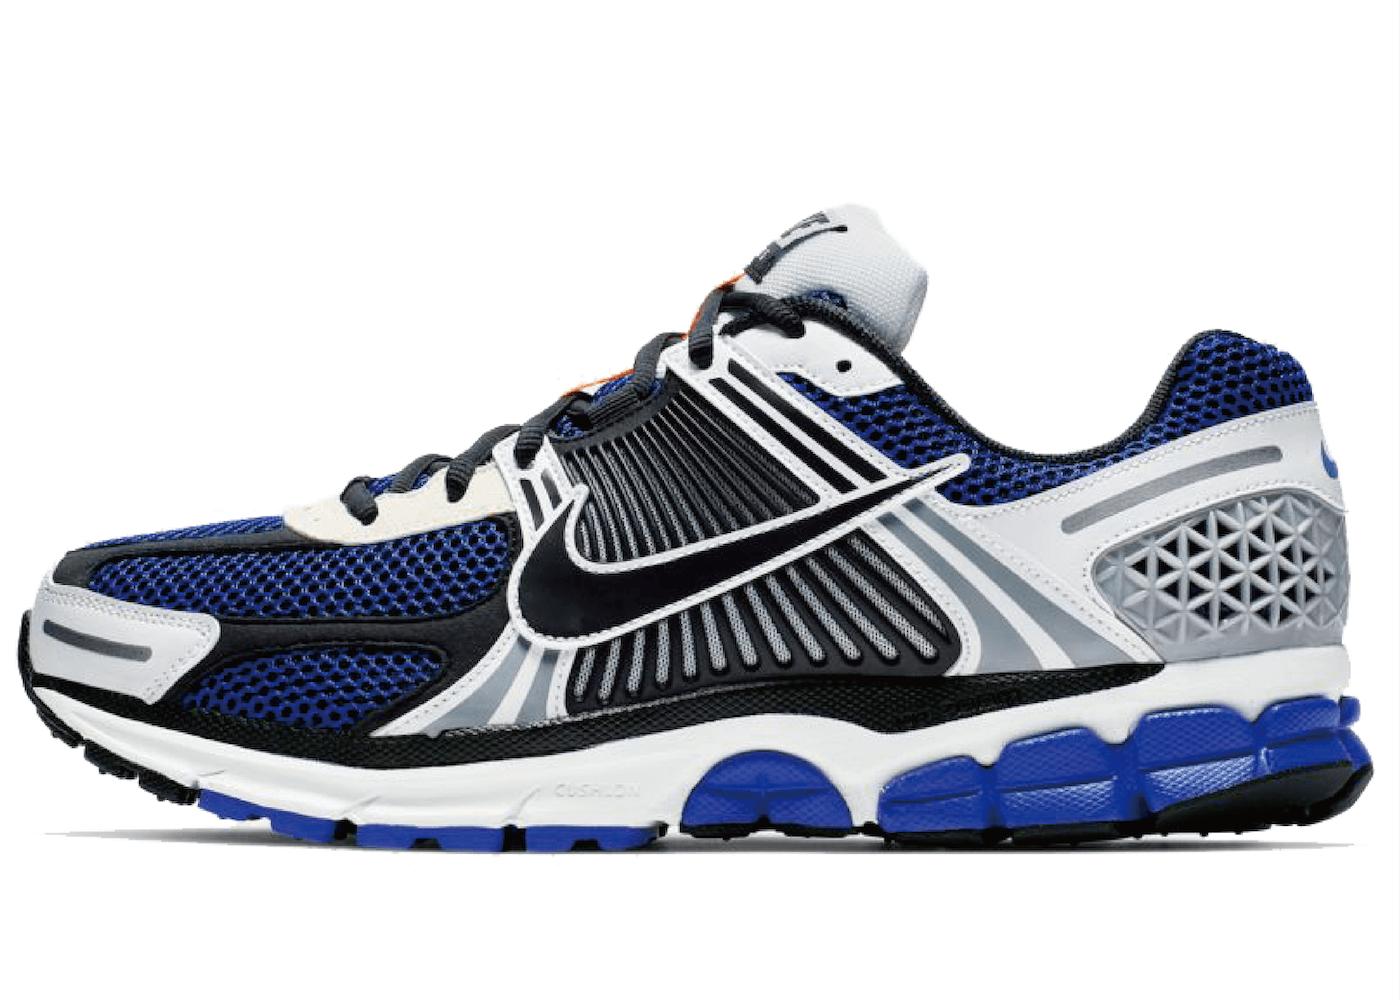 Nike Zoom Vomero 5 Racer Blueの写真